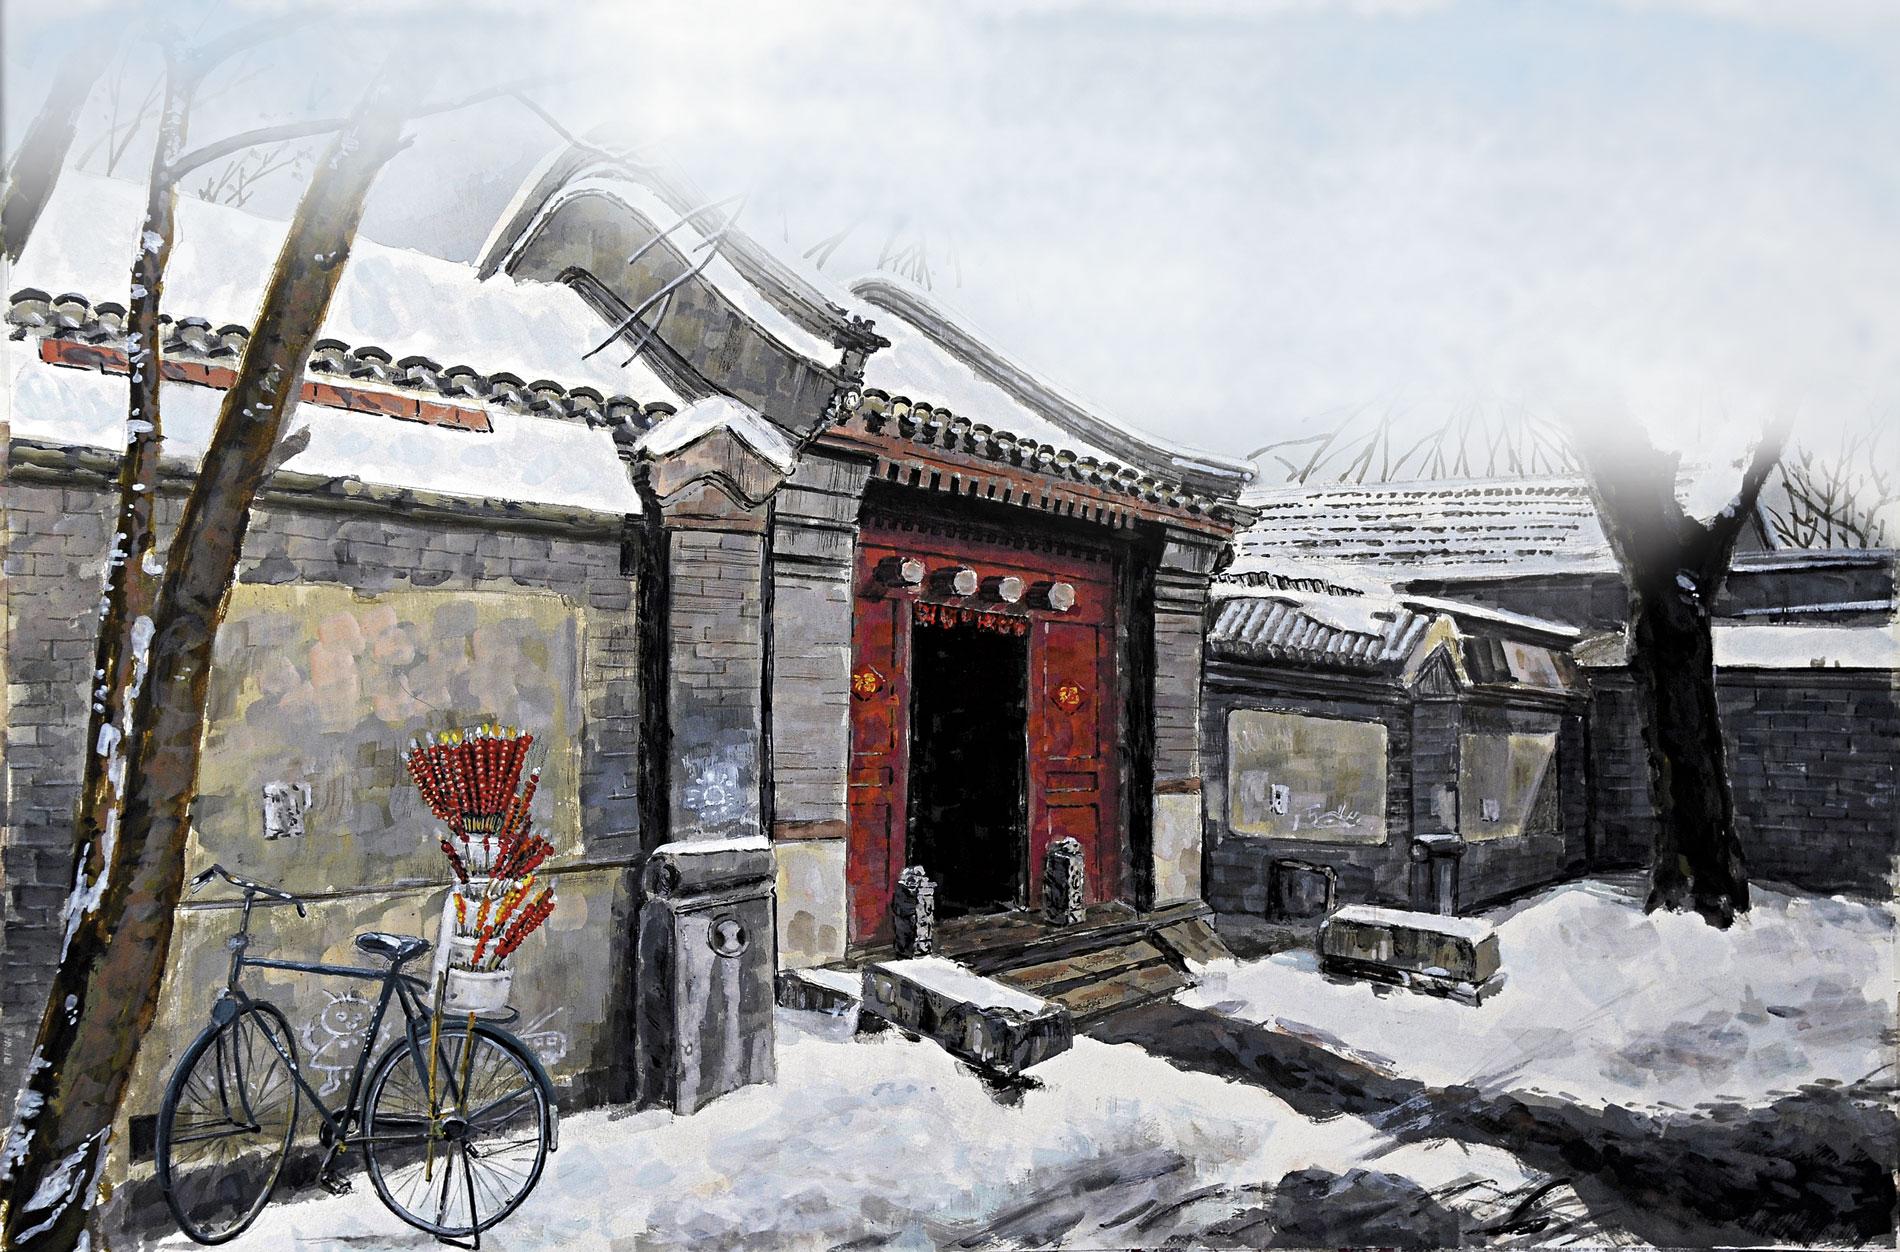 北京四合院 潺潺樂章映照城市史-多維cn期刊-多維新聞網